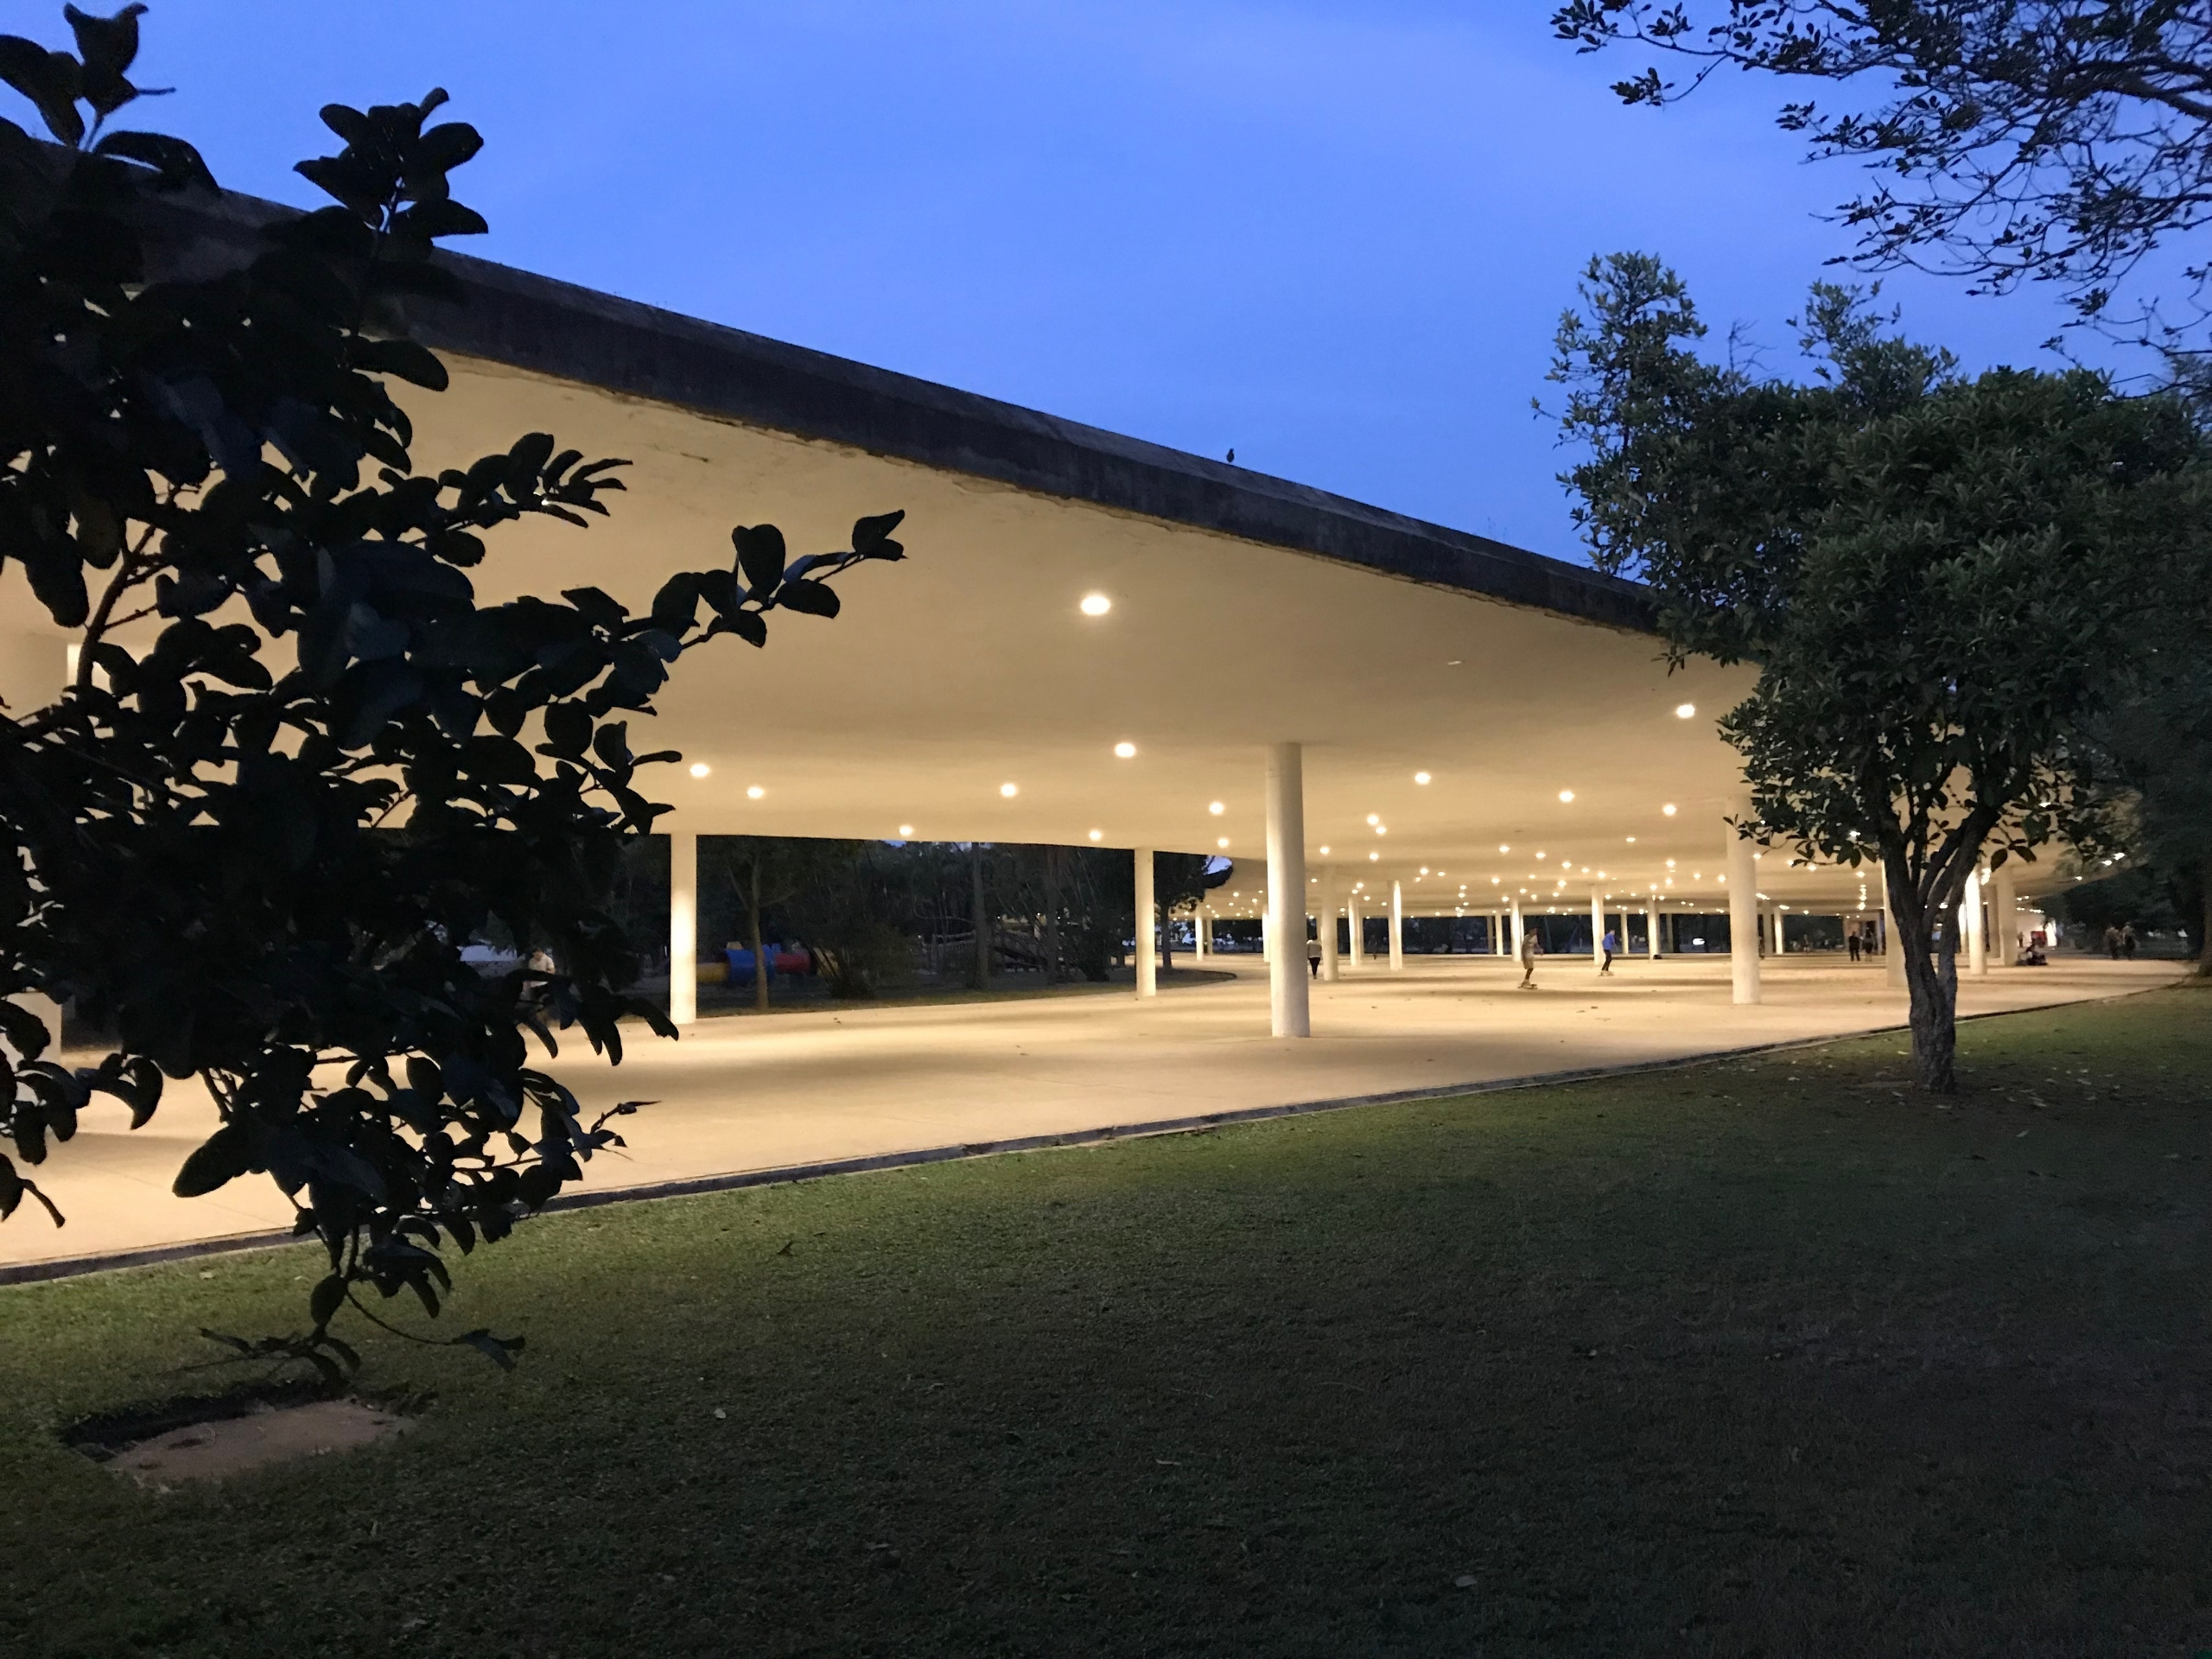 Marquise Parque Ibirapuera iníc - antoniomg | ello